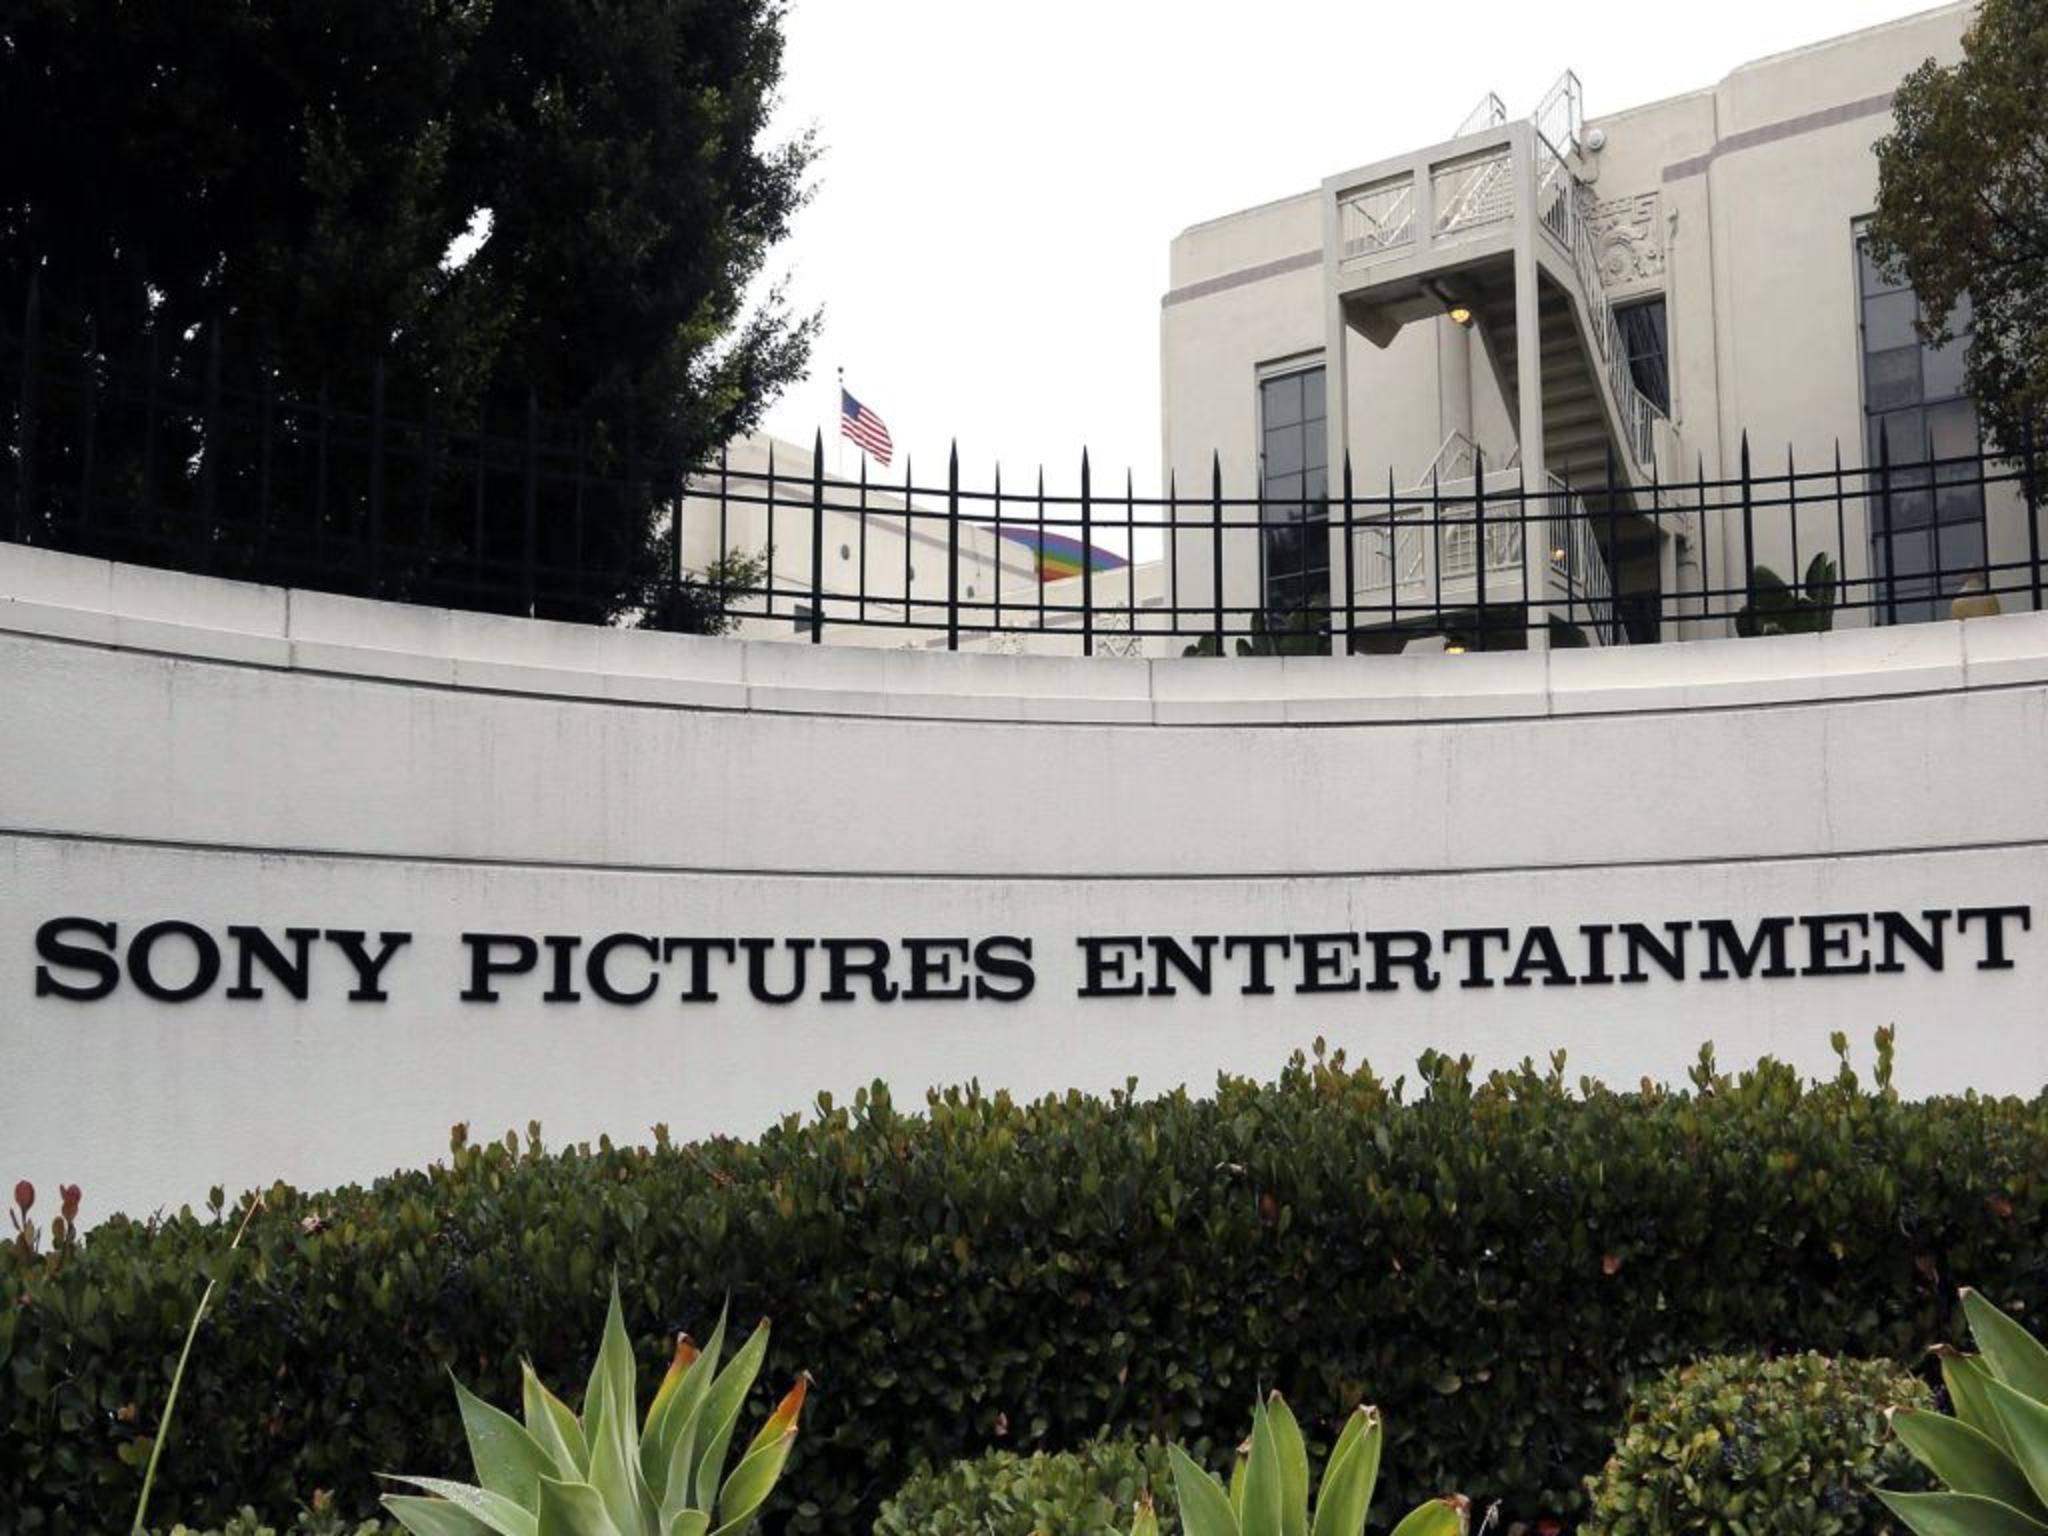 Abgeschottet: Sony Pictures will sich vor weiteren Hack-Attacken schützen.